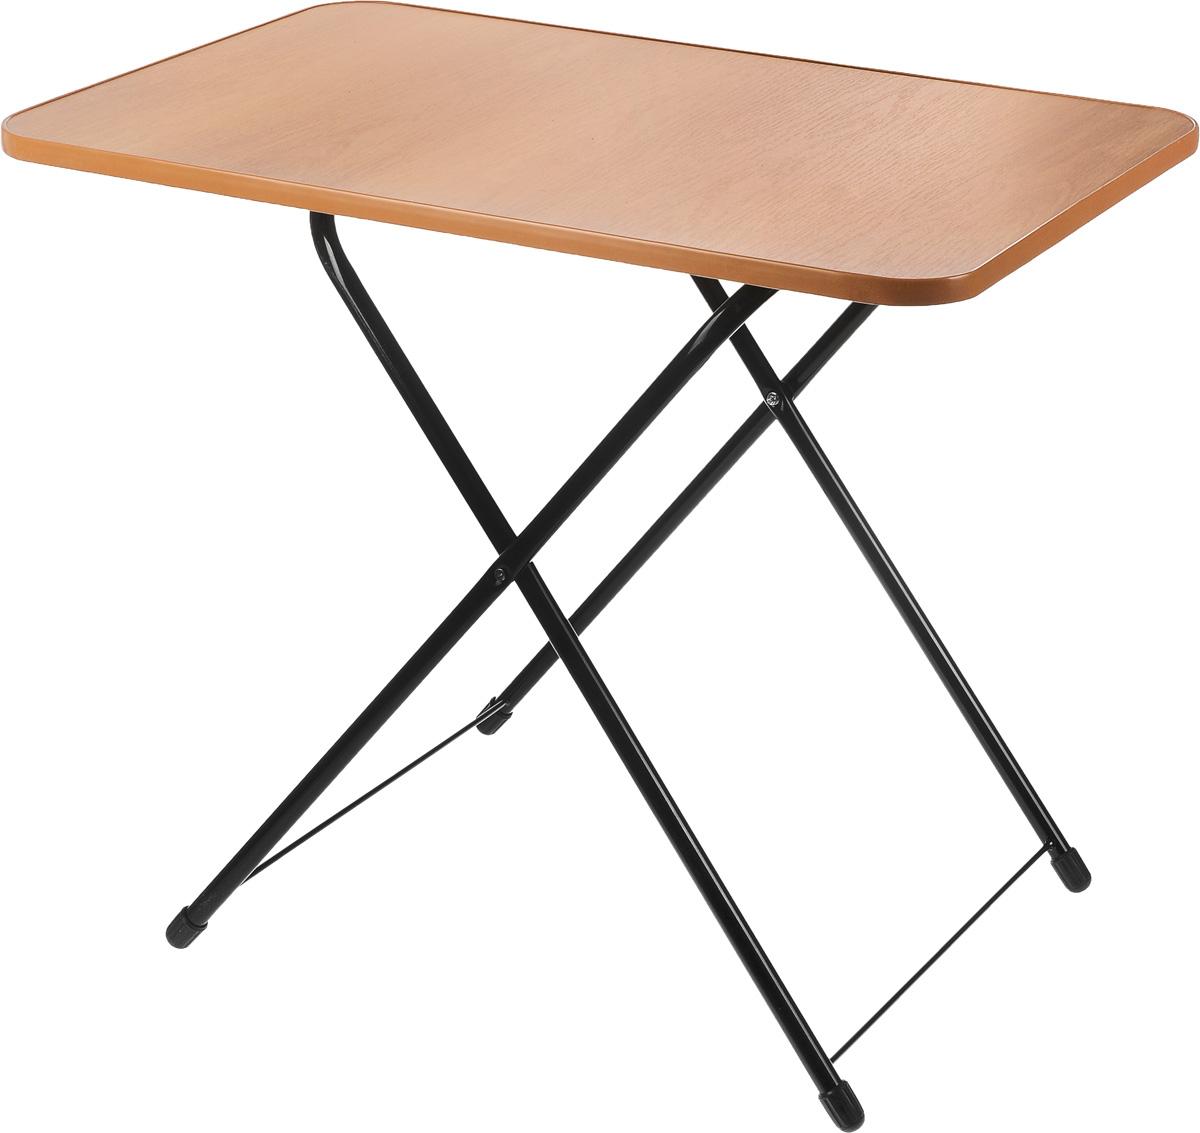 Стол складной Wildman, 75 х 50 х 62 смNF-20218Стол Wilman со складными ножками идеально подойдет для пикника, туристического похода или дачи. Каркас выполнен из высококачественной стали. Столешница из ЛДСП. Благодаря складным ножкам он занимает немного места и его легко перевозить в багажнике. Высота стола регулируется в 2 положениях. Пластиковые накладки на ножках не царапает поверхность.Размер столешницы: 75 х 50 см.Максимальная высота: 62 см.Минимальная высота: 50 см.